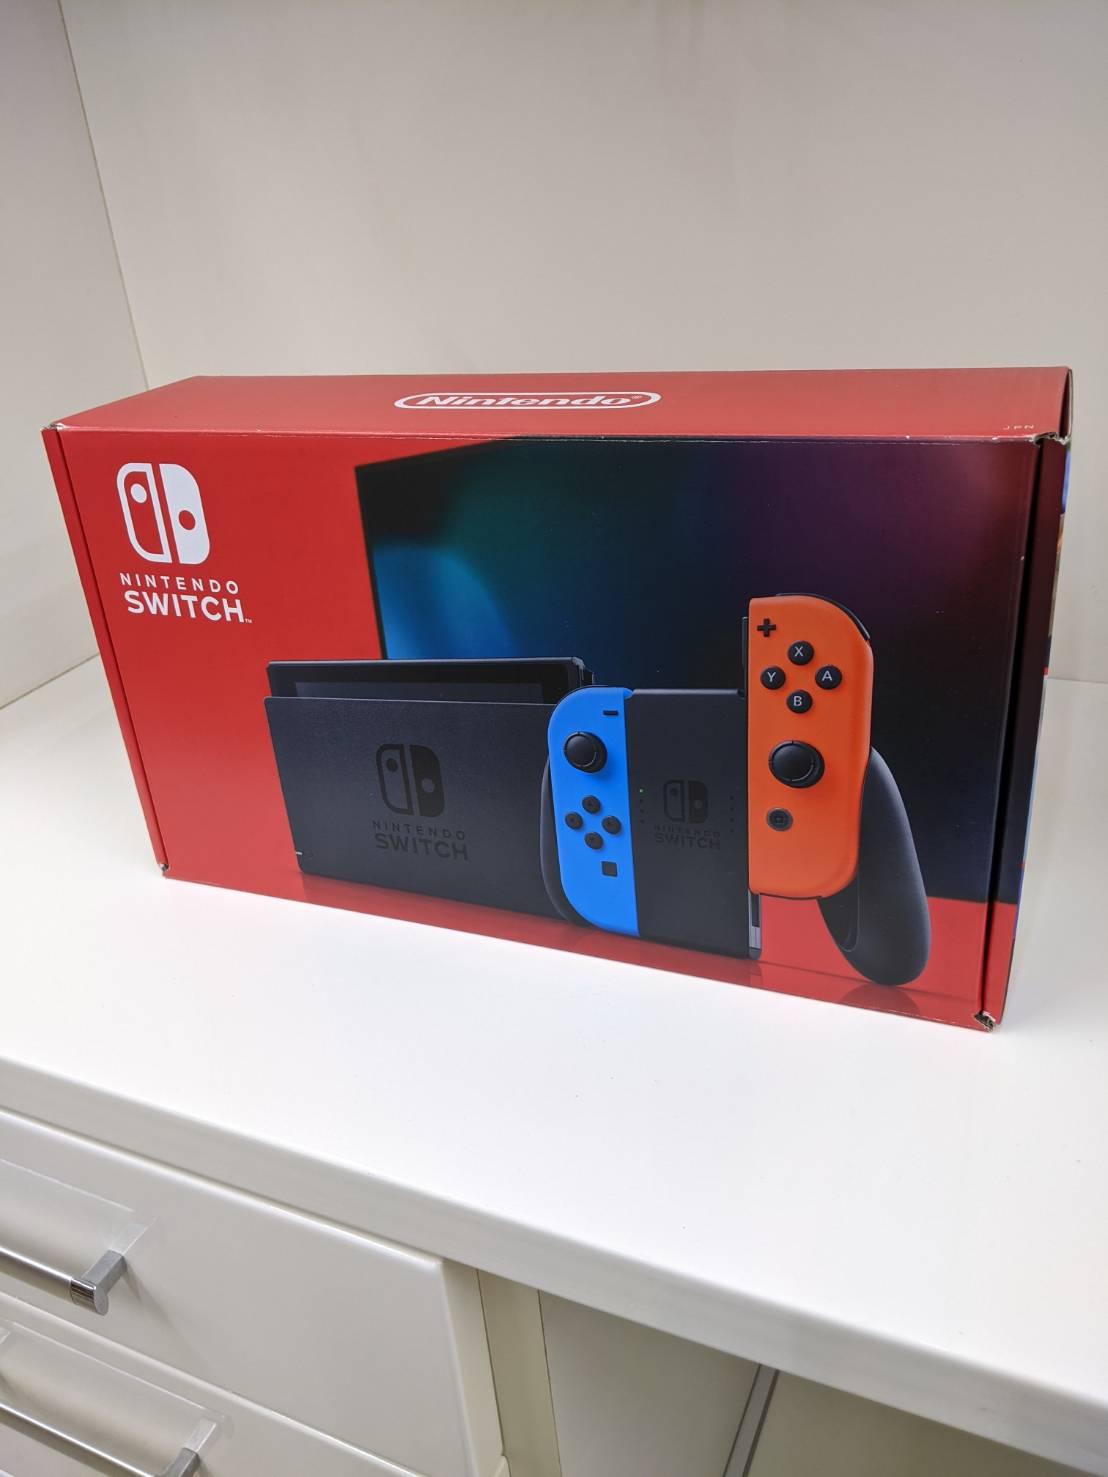 【Nintendo Switch HAD-S-JXE-C1 ニンテンドースイッチ】をお買い取りいたしました!の買取-